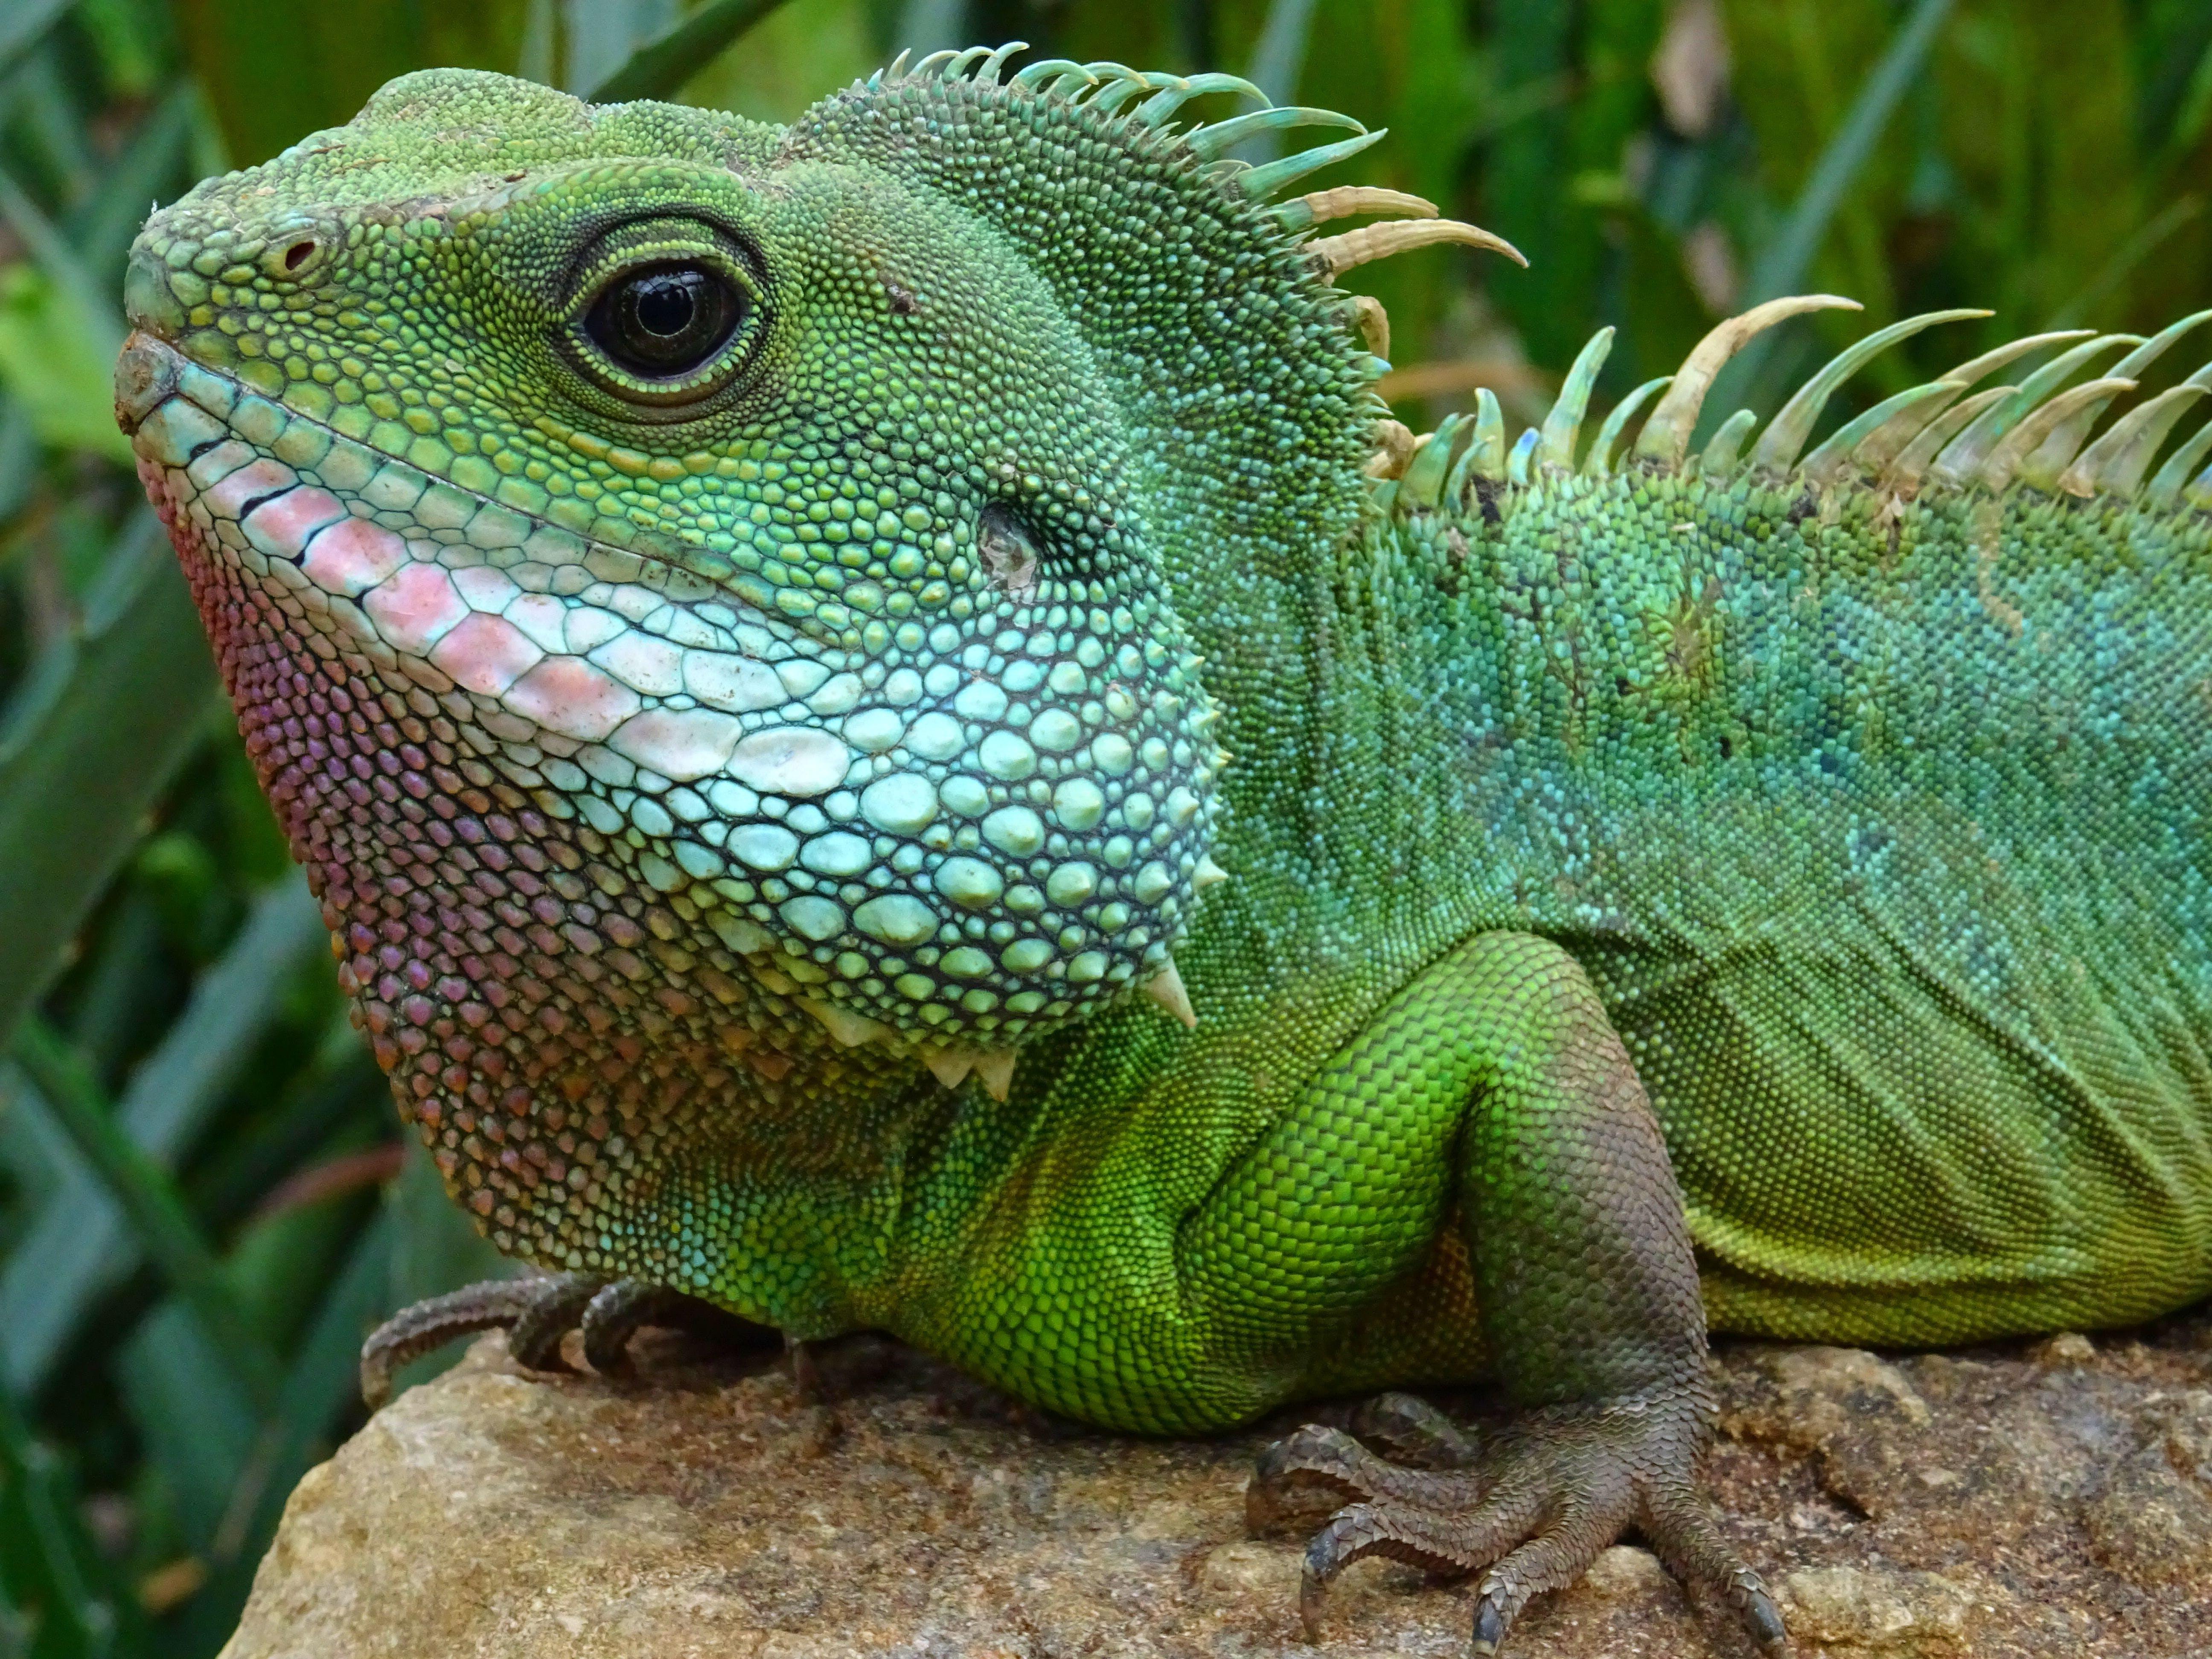 녹색, 눈, 도마뱀, 동물의 무료 스톡 사진